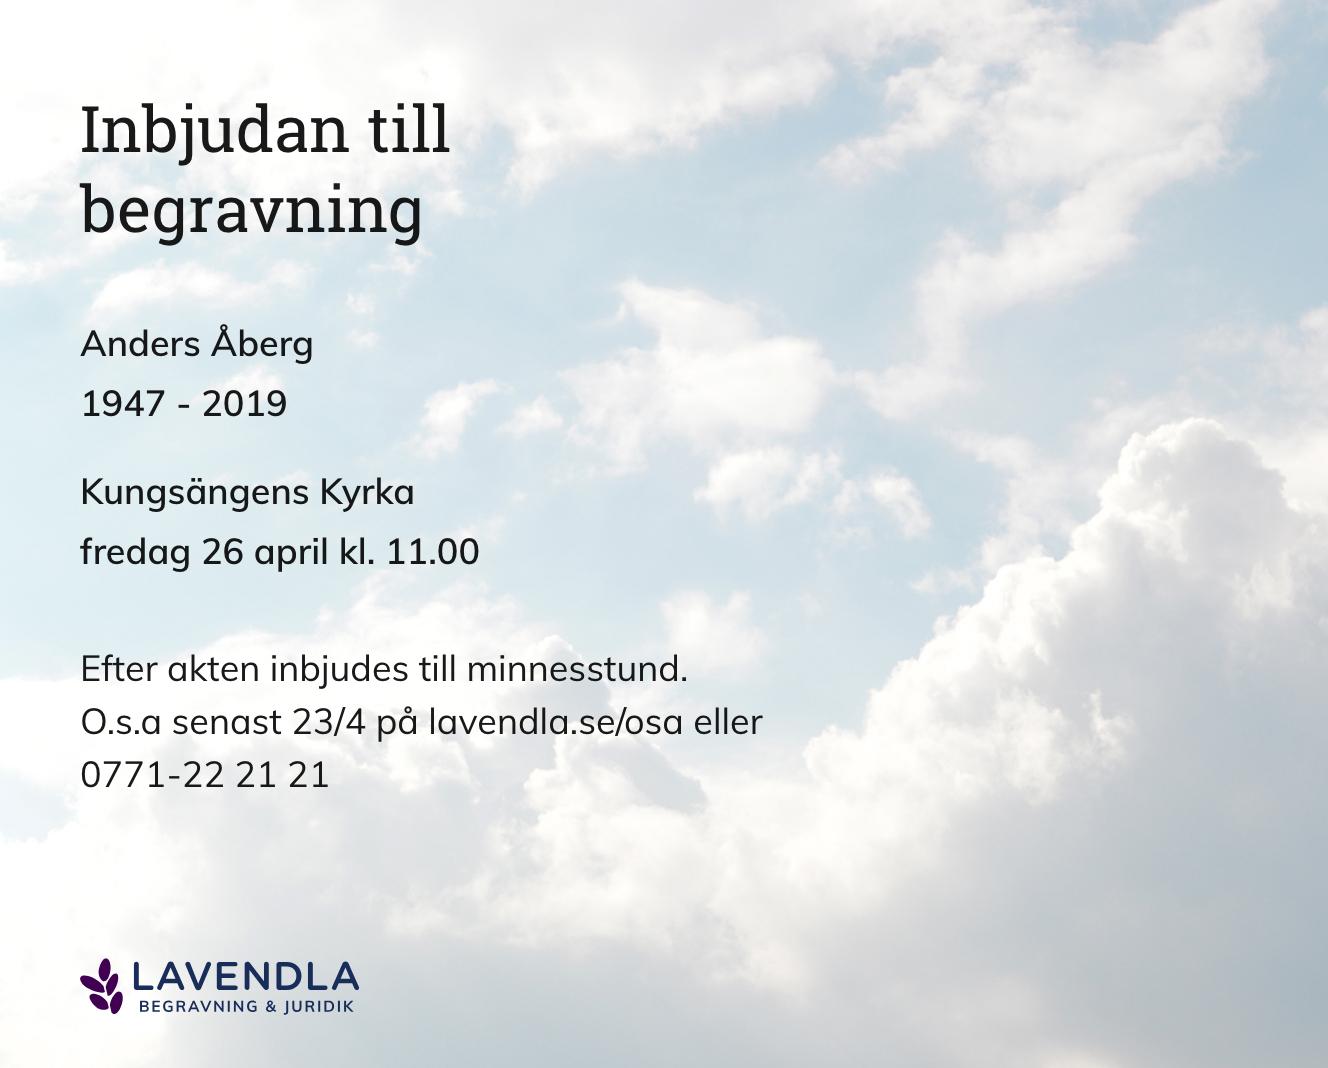 Inbjudningskort till ceremonin för Anders Åberg